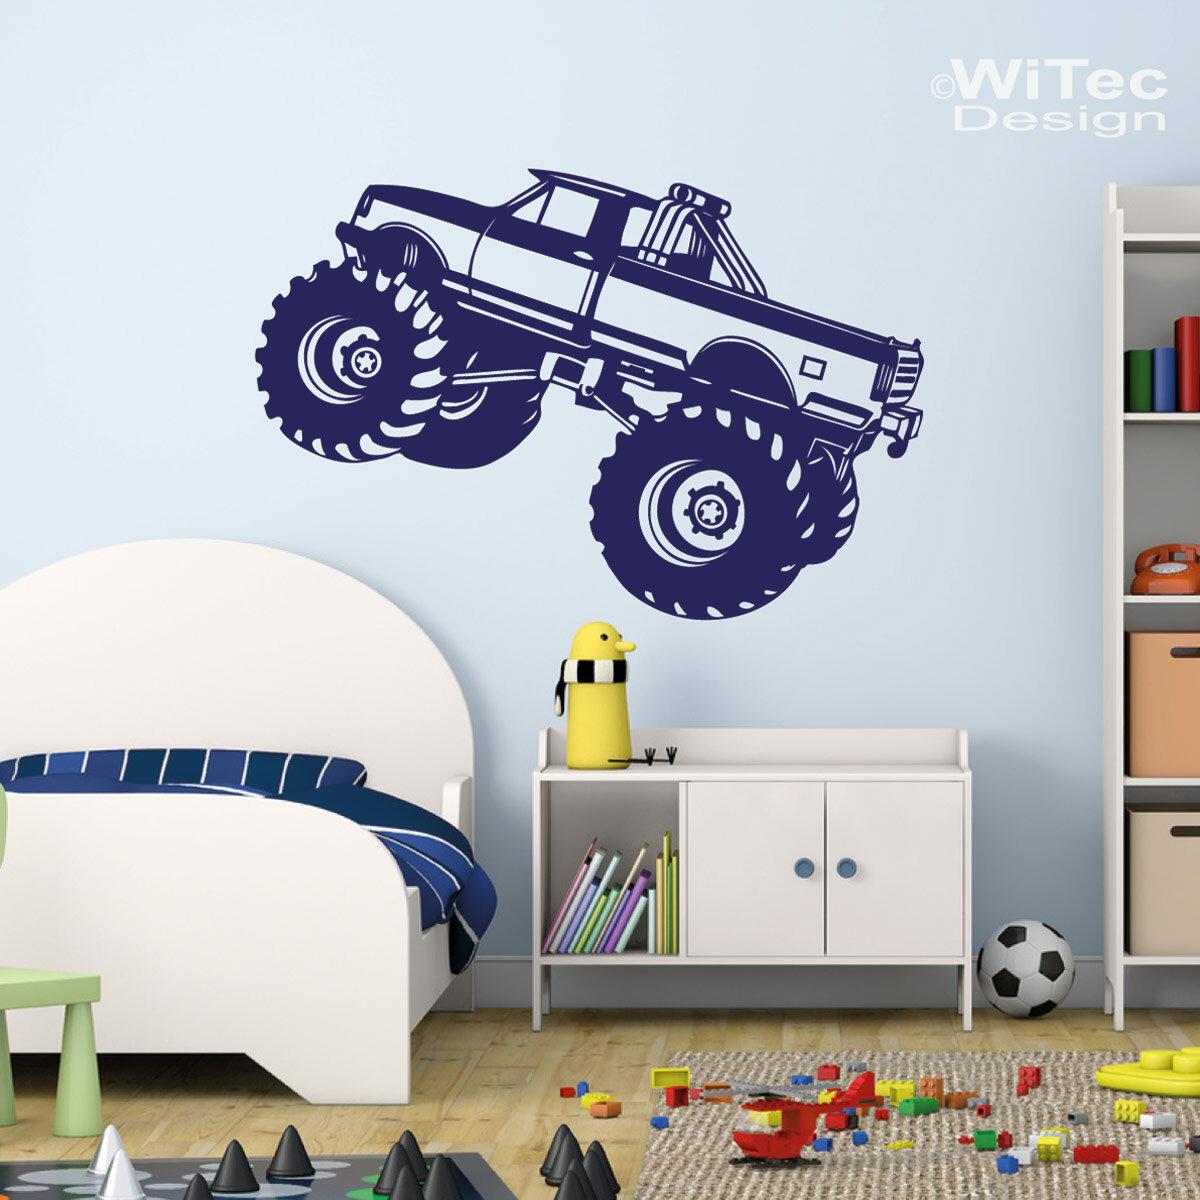 Wandtattoo monstertruck wandaufkleber kinderzimmer for Kinderzimmer wandaufkleber